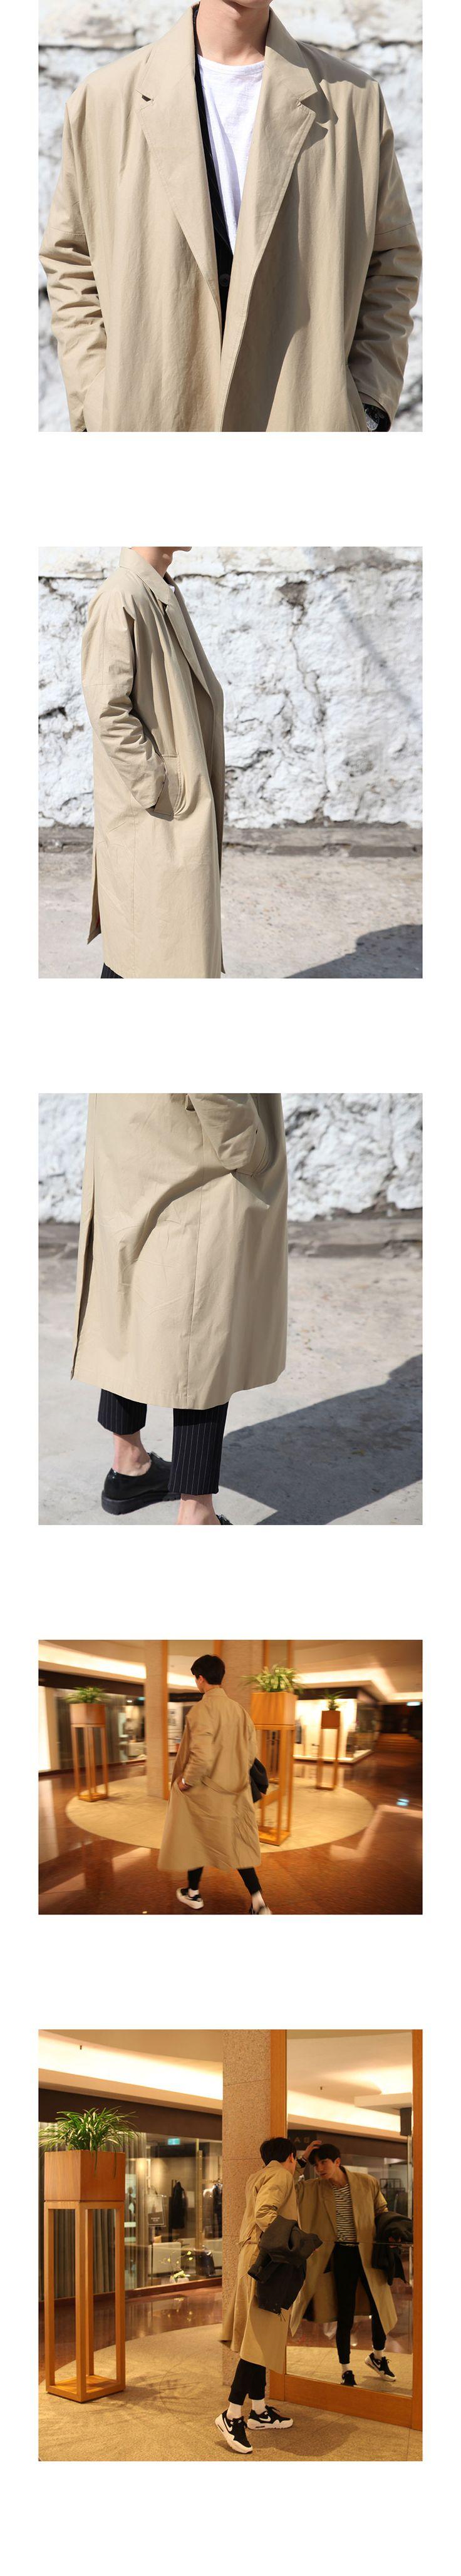 Джентльмен британский стиль новая осень мужчина пальто свободные длинные пальто мужской моды весна случайный мыс плащ верхняя одежда ремень A49купить в магазине k&xнаAliExpress